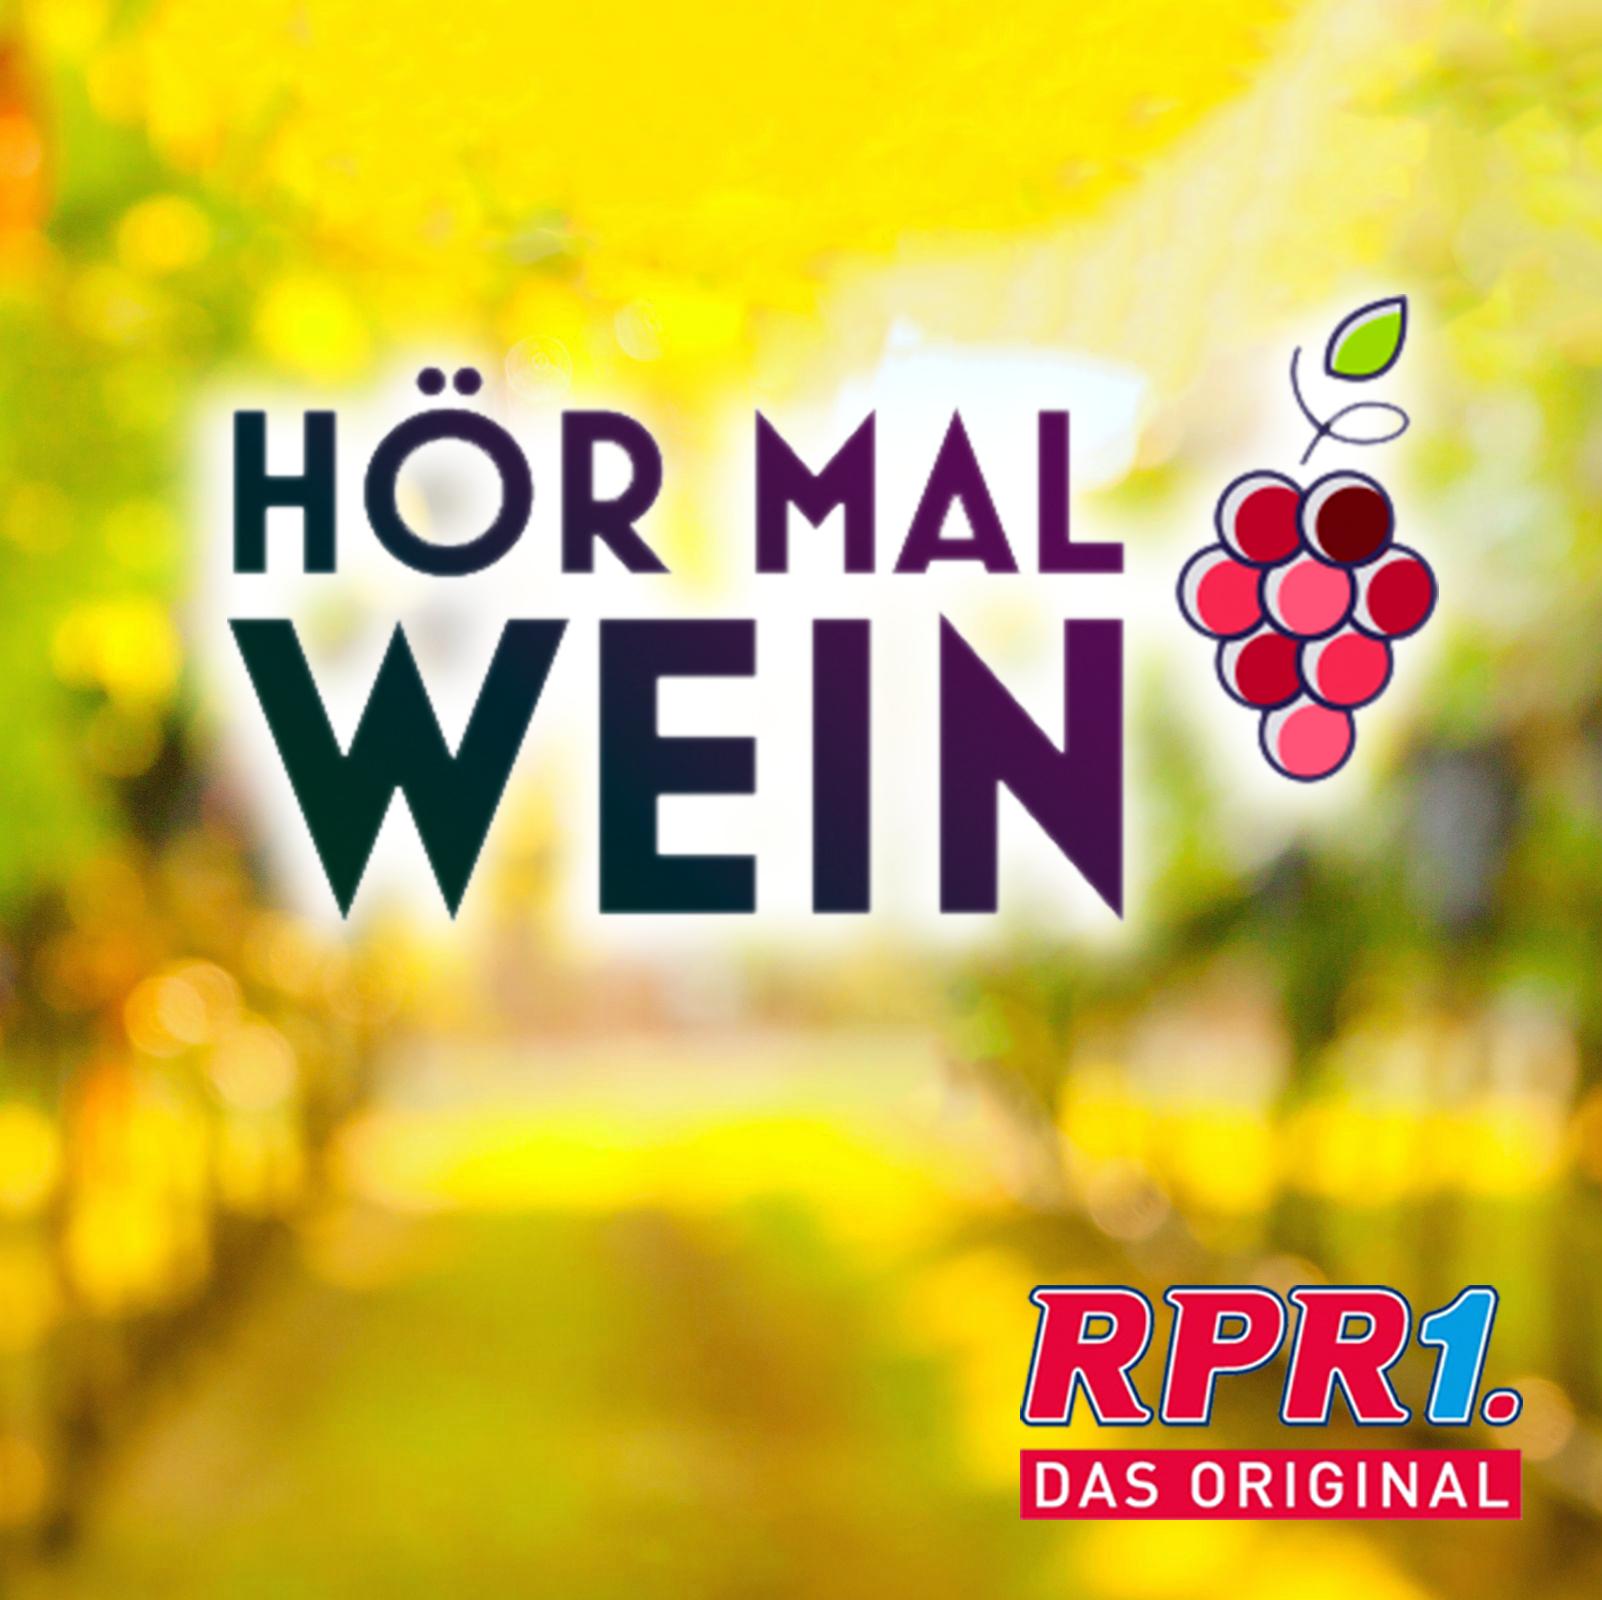 Hör mal Wein - Podcast-Grafik.png